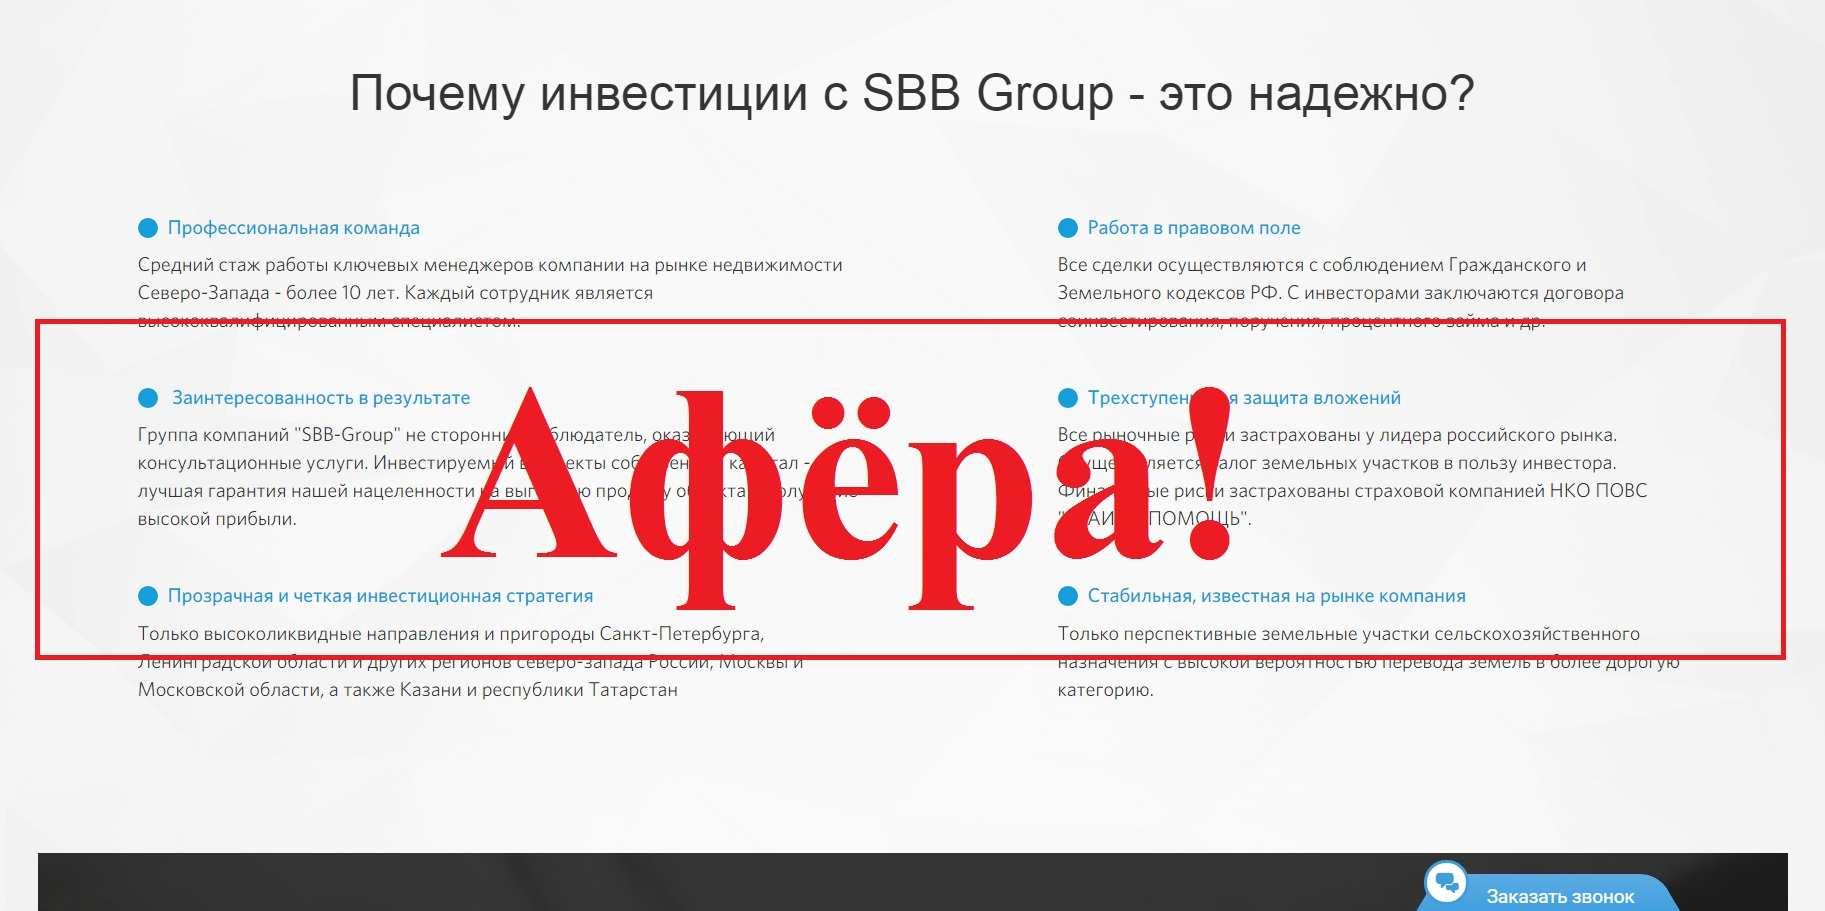 SBB Group – отзывы инвесторов